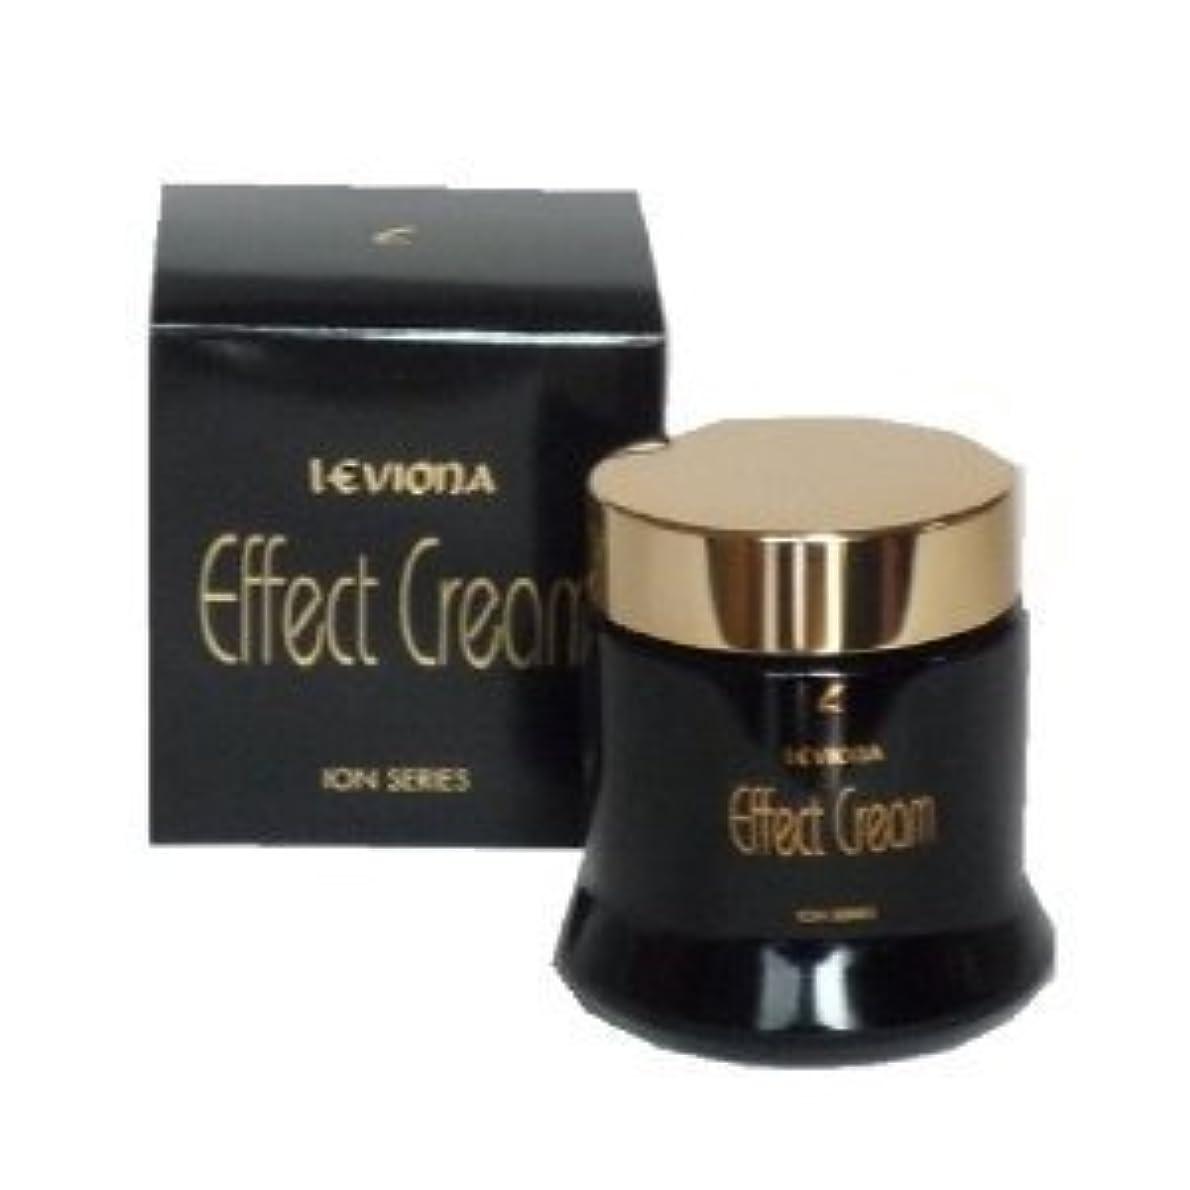 関税集中的な発送レビオナ化粧品エフェクトクリーム天然イオン配合